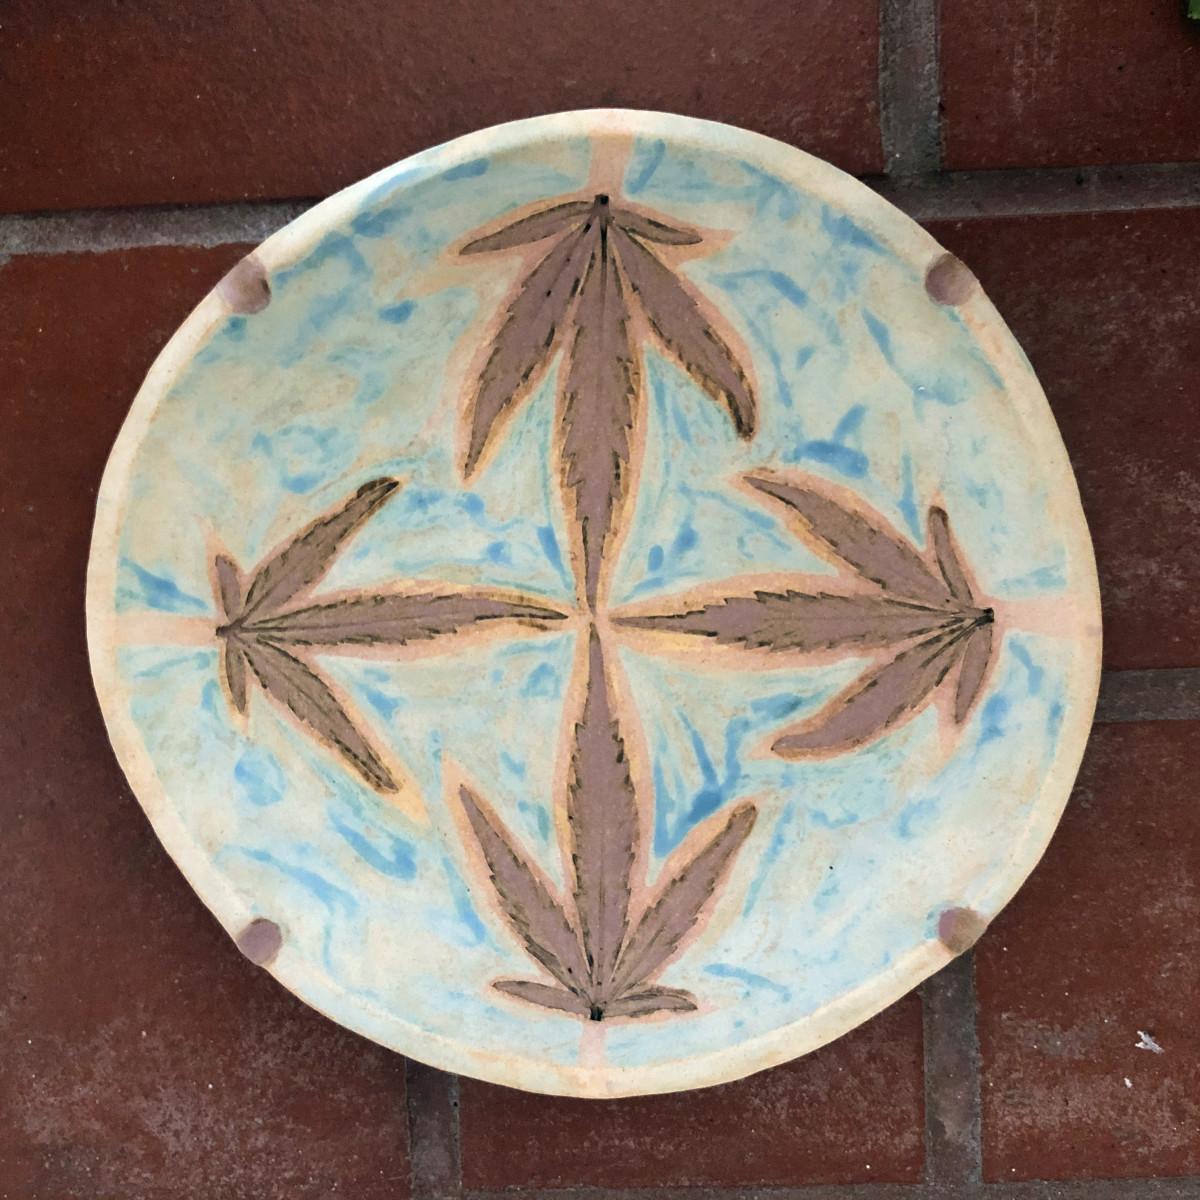 The Slightly Cloudy 4 leaf impression tray